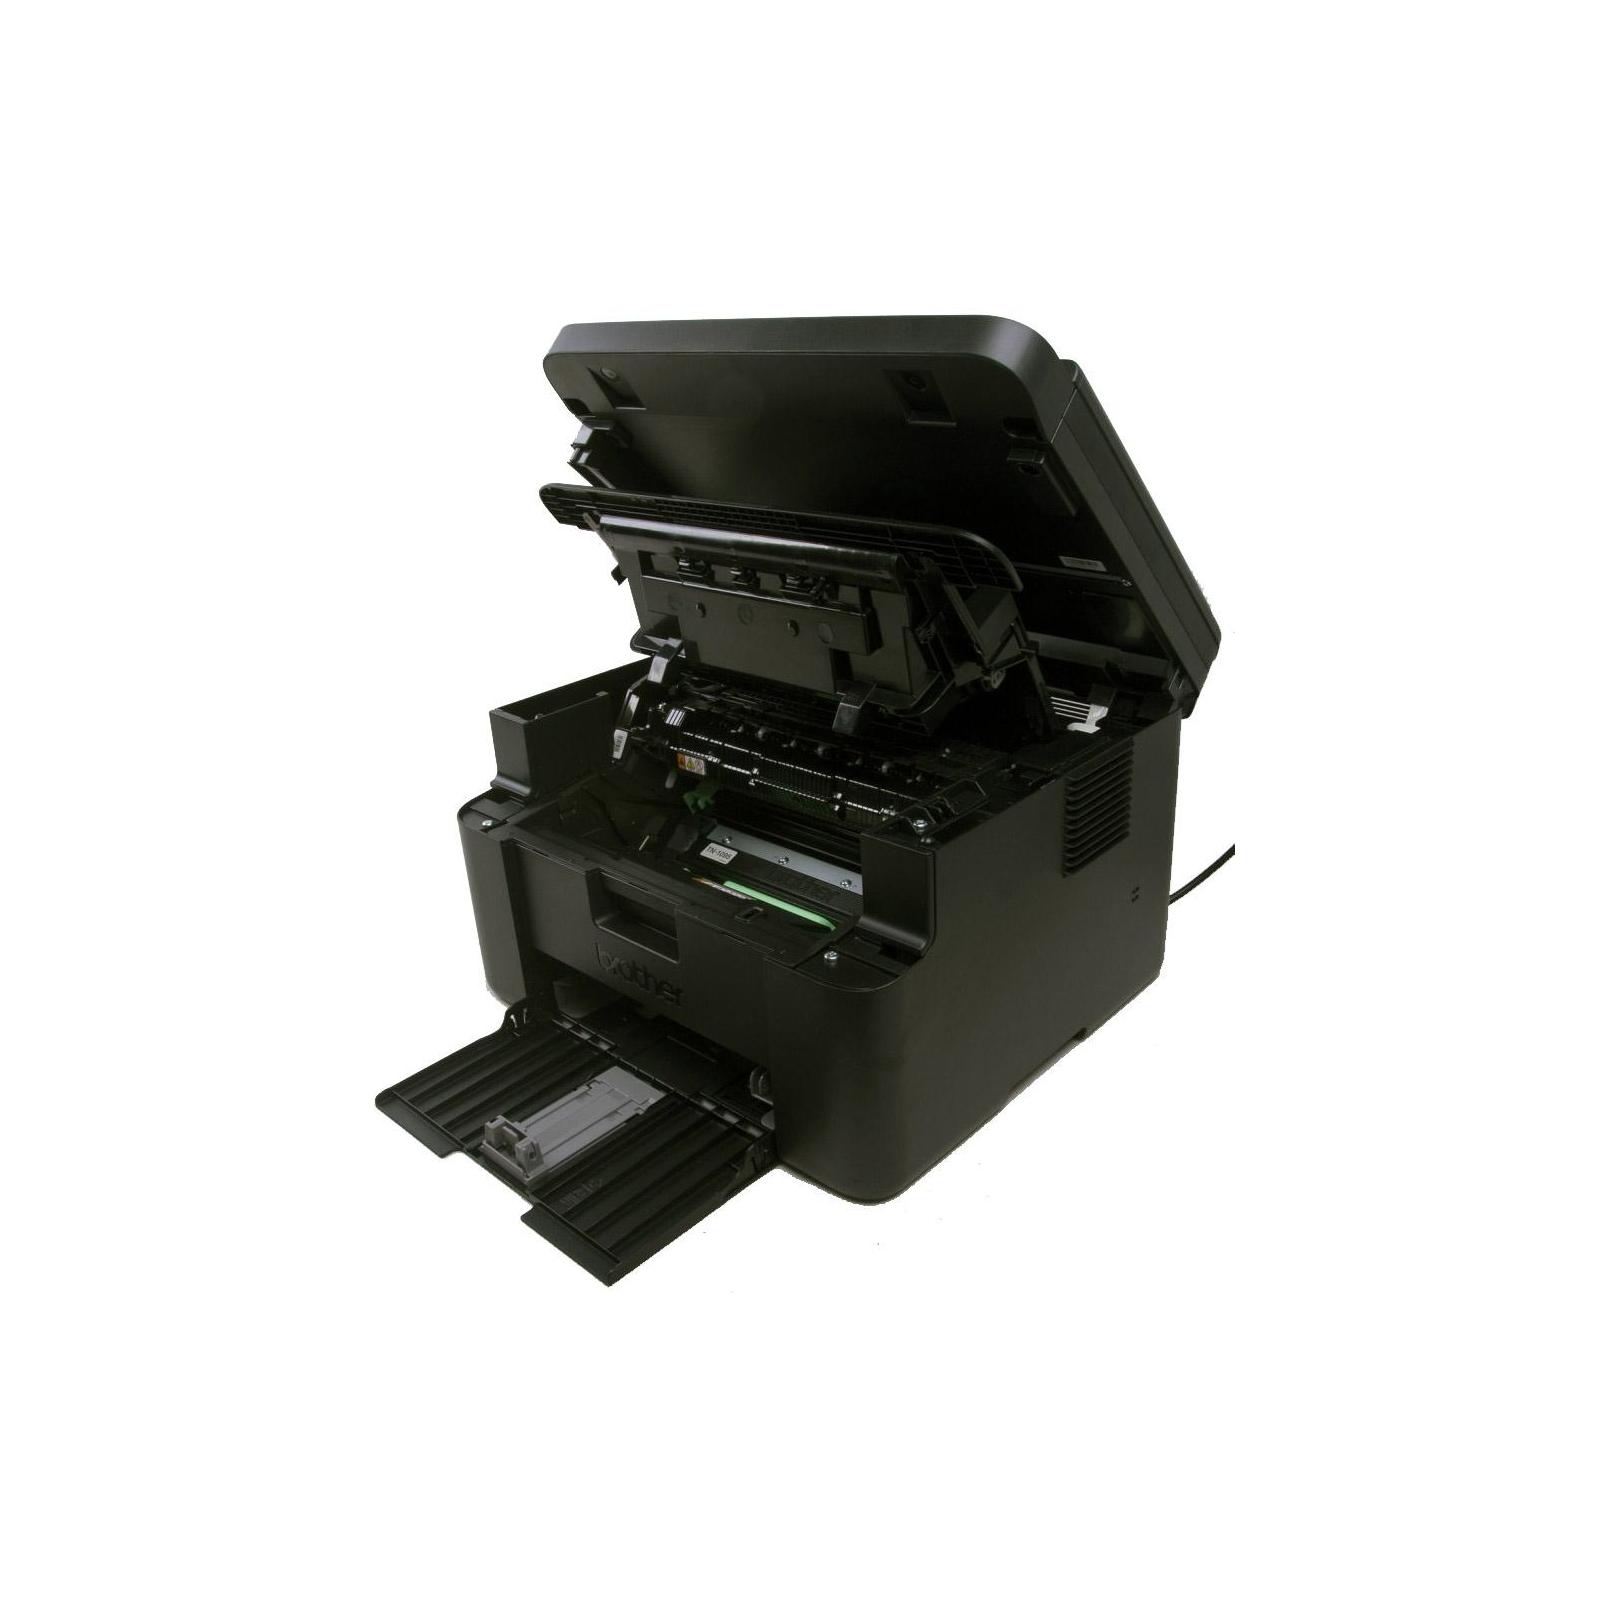 Многофункциональное устройство Brother DCP-1602R (DCP1602R1) изображение 4